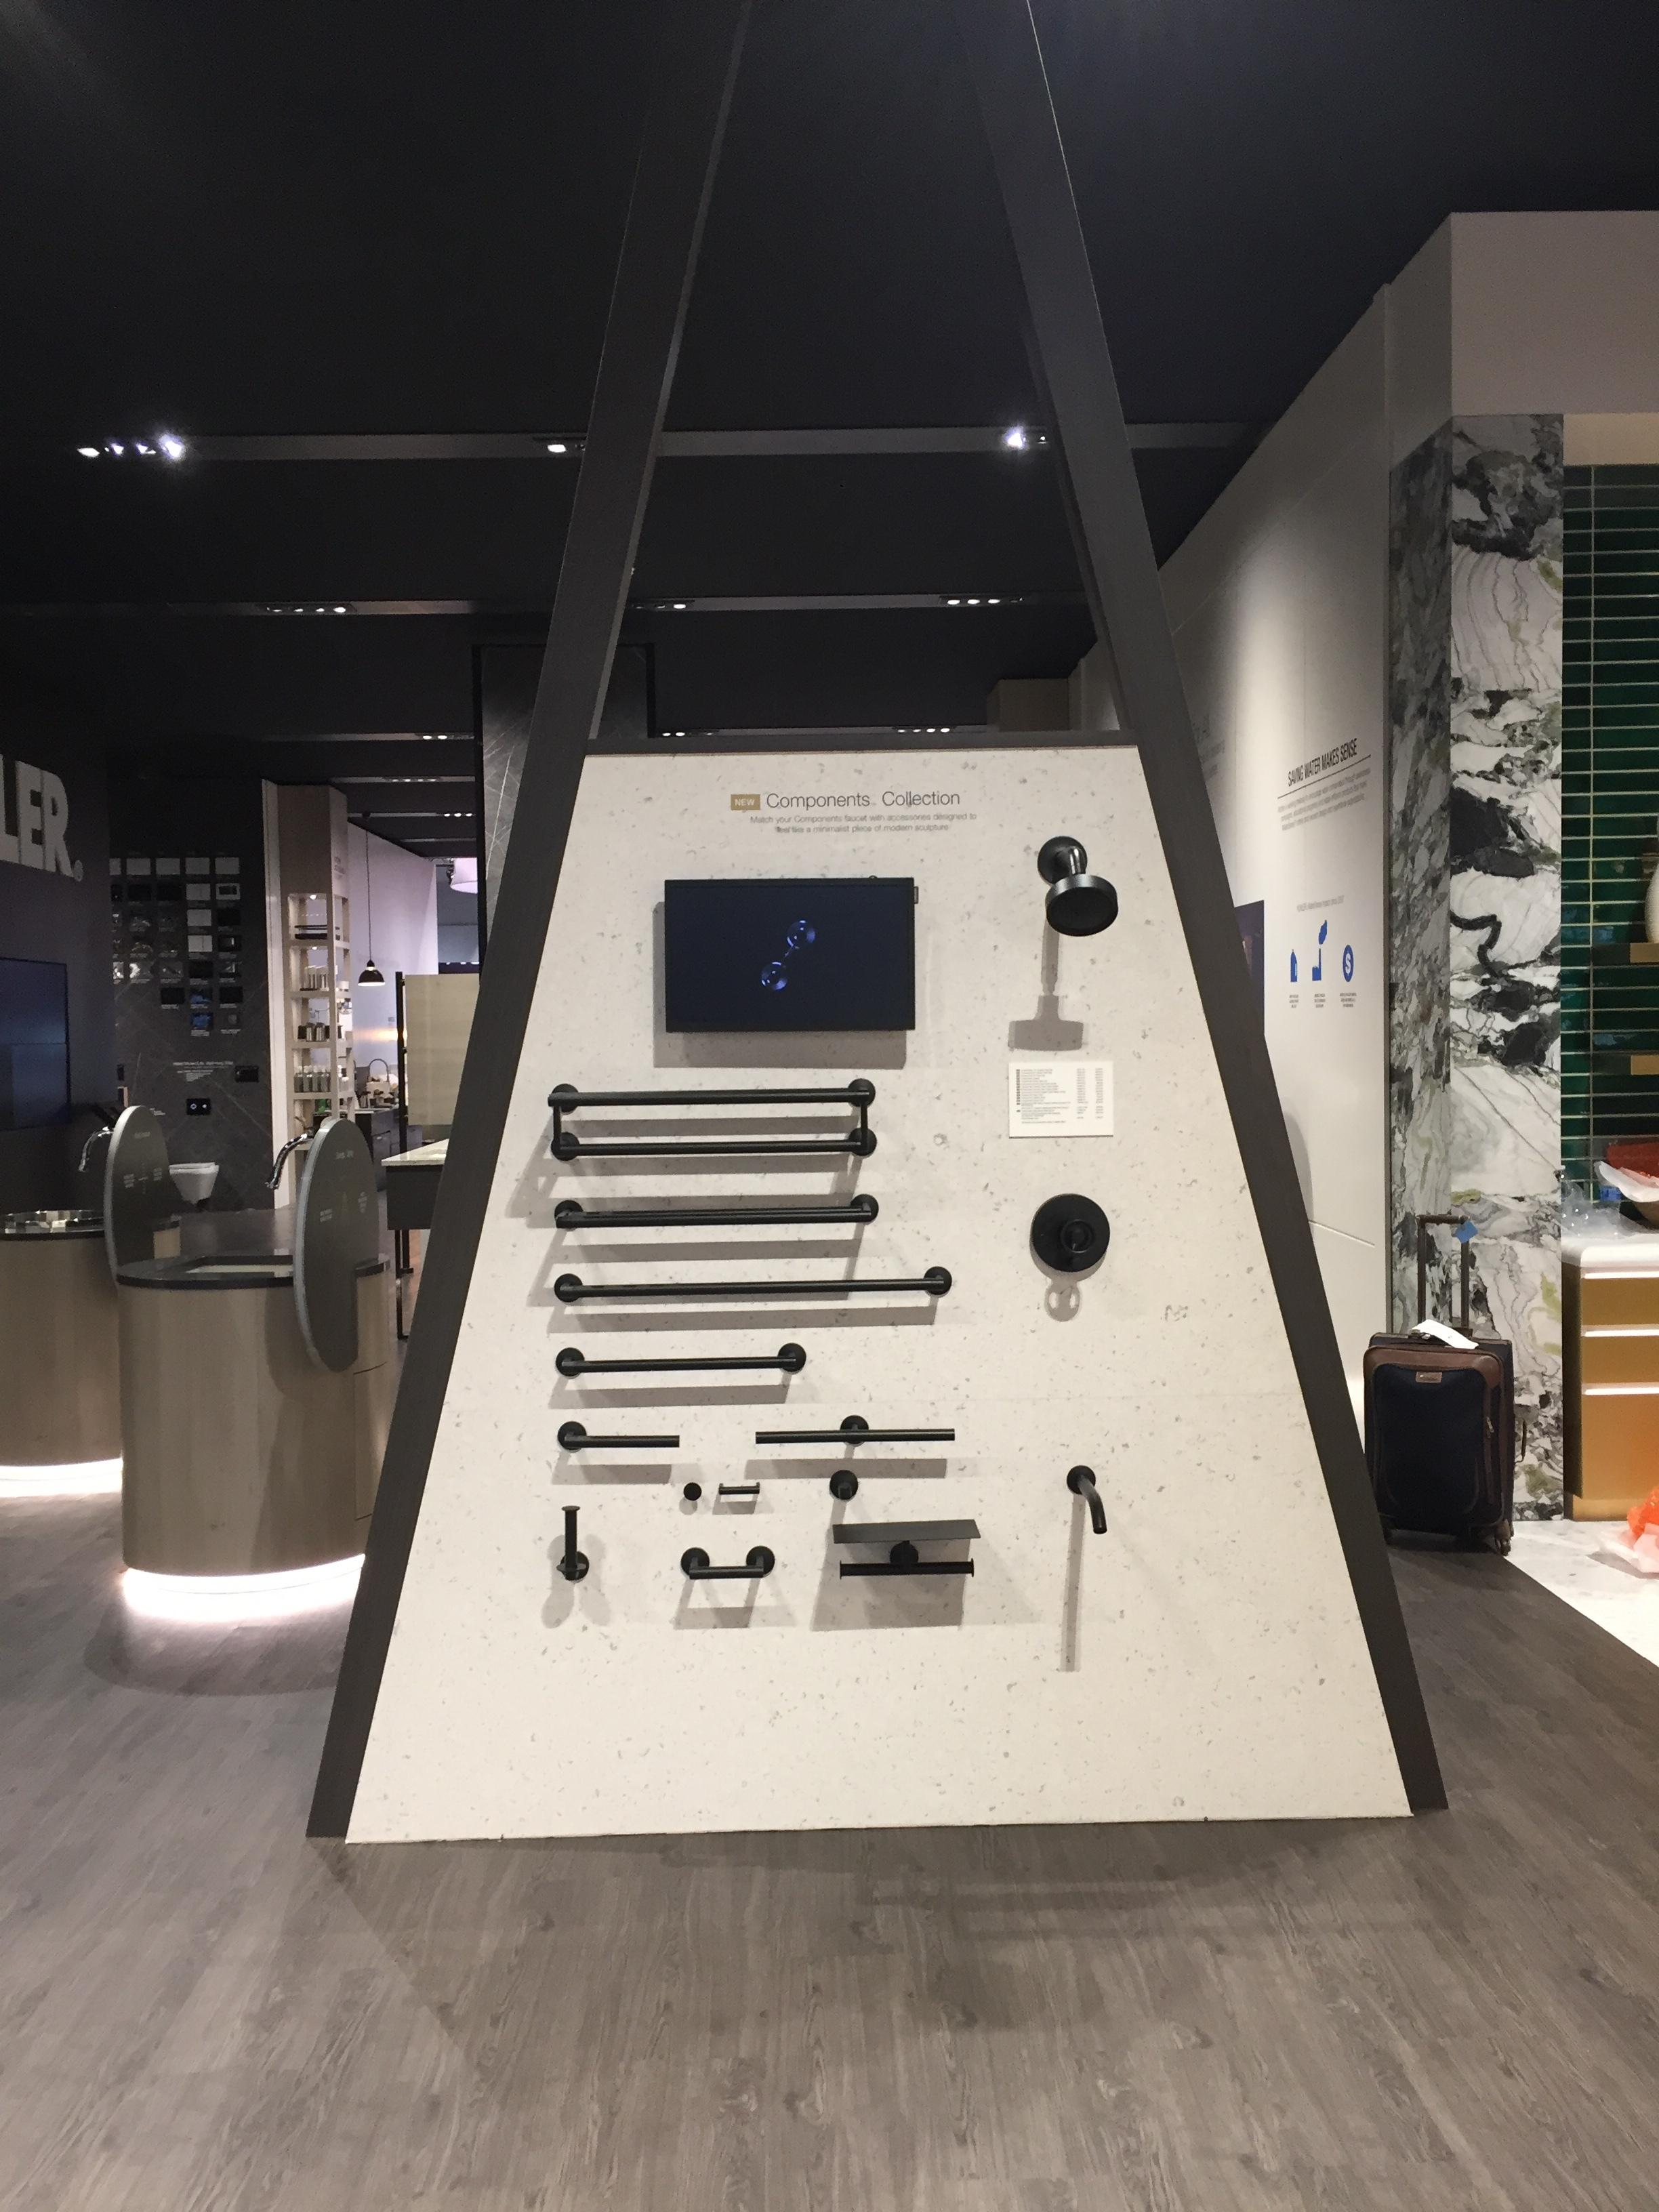 Kohler KBIS Faucet Component Display